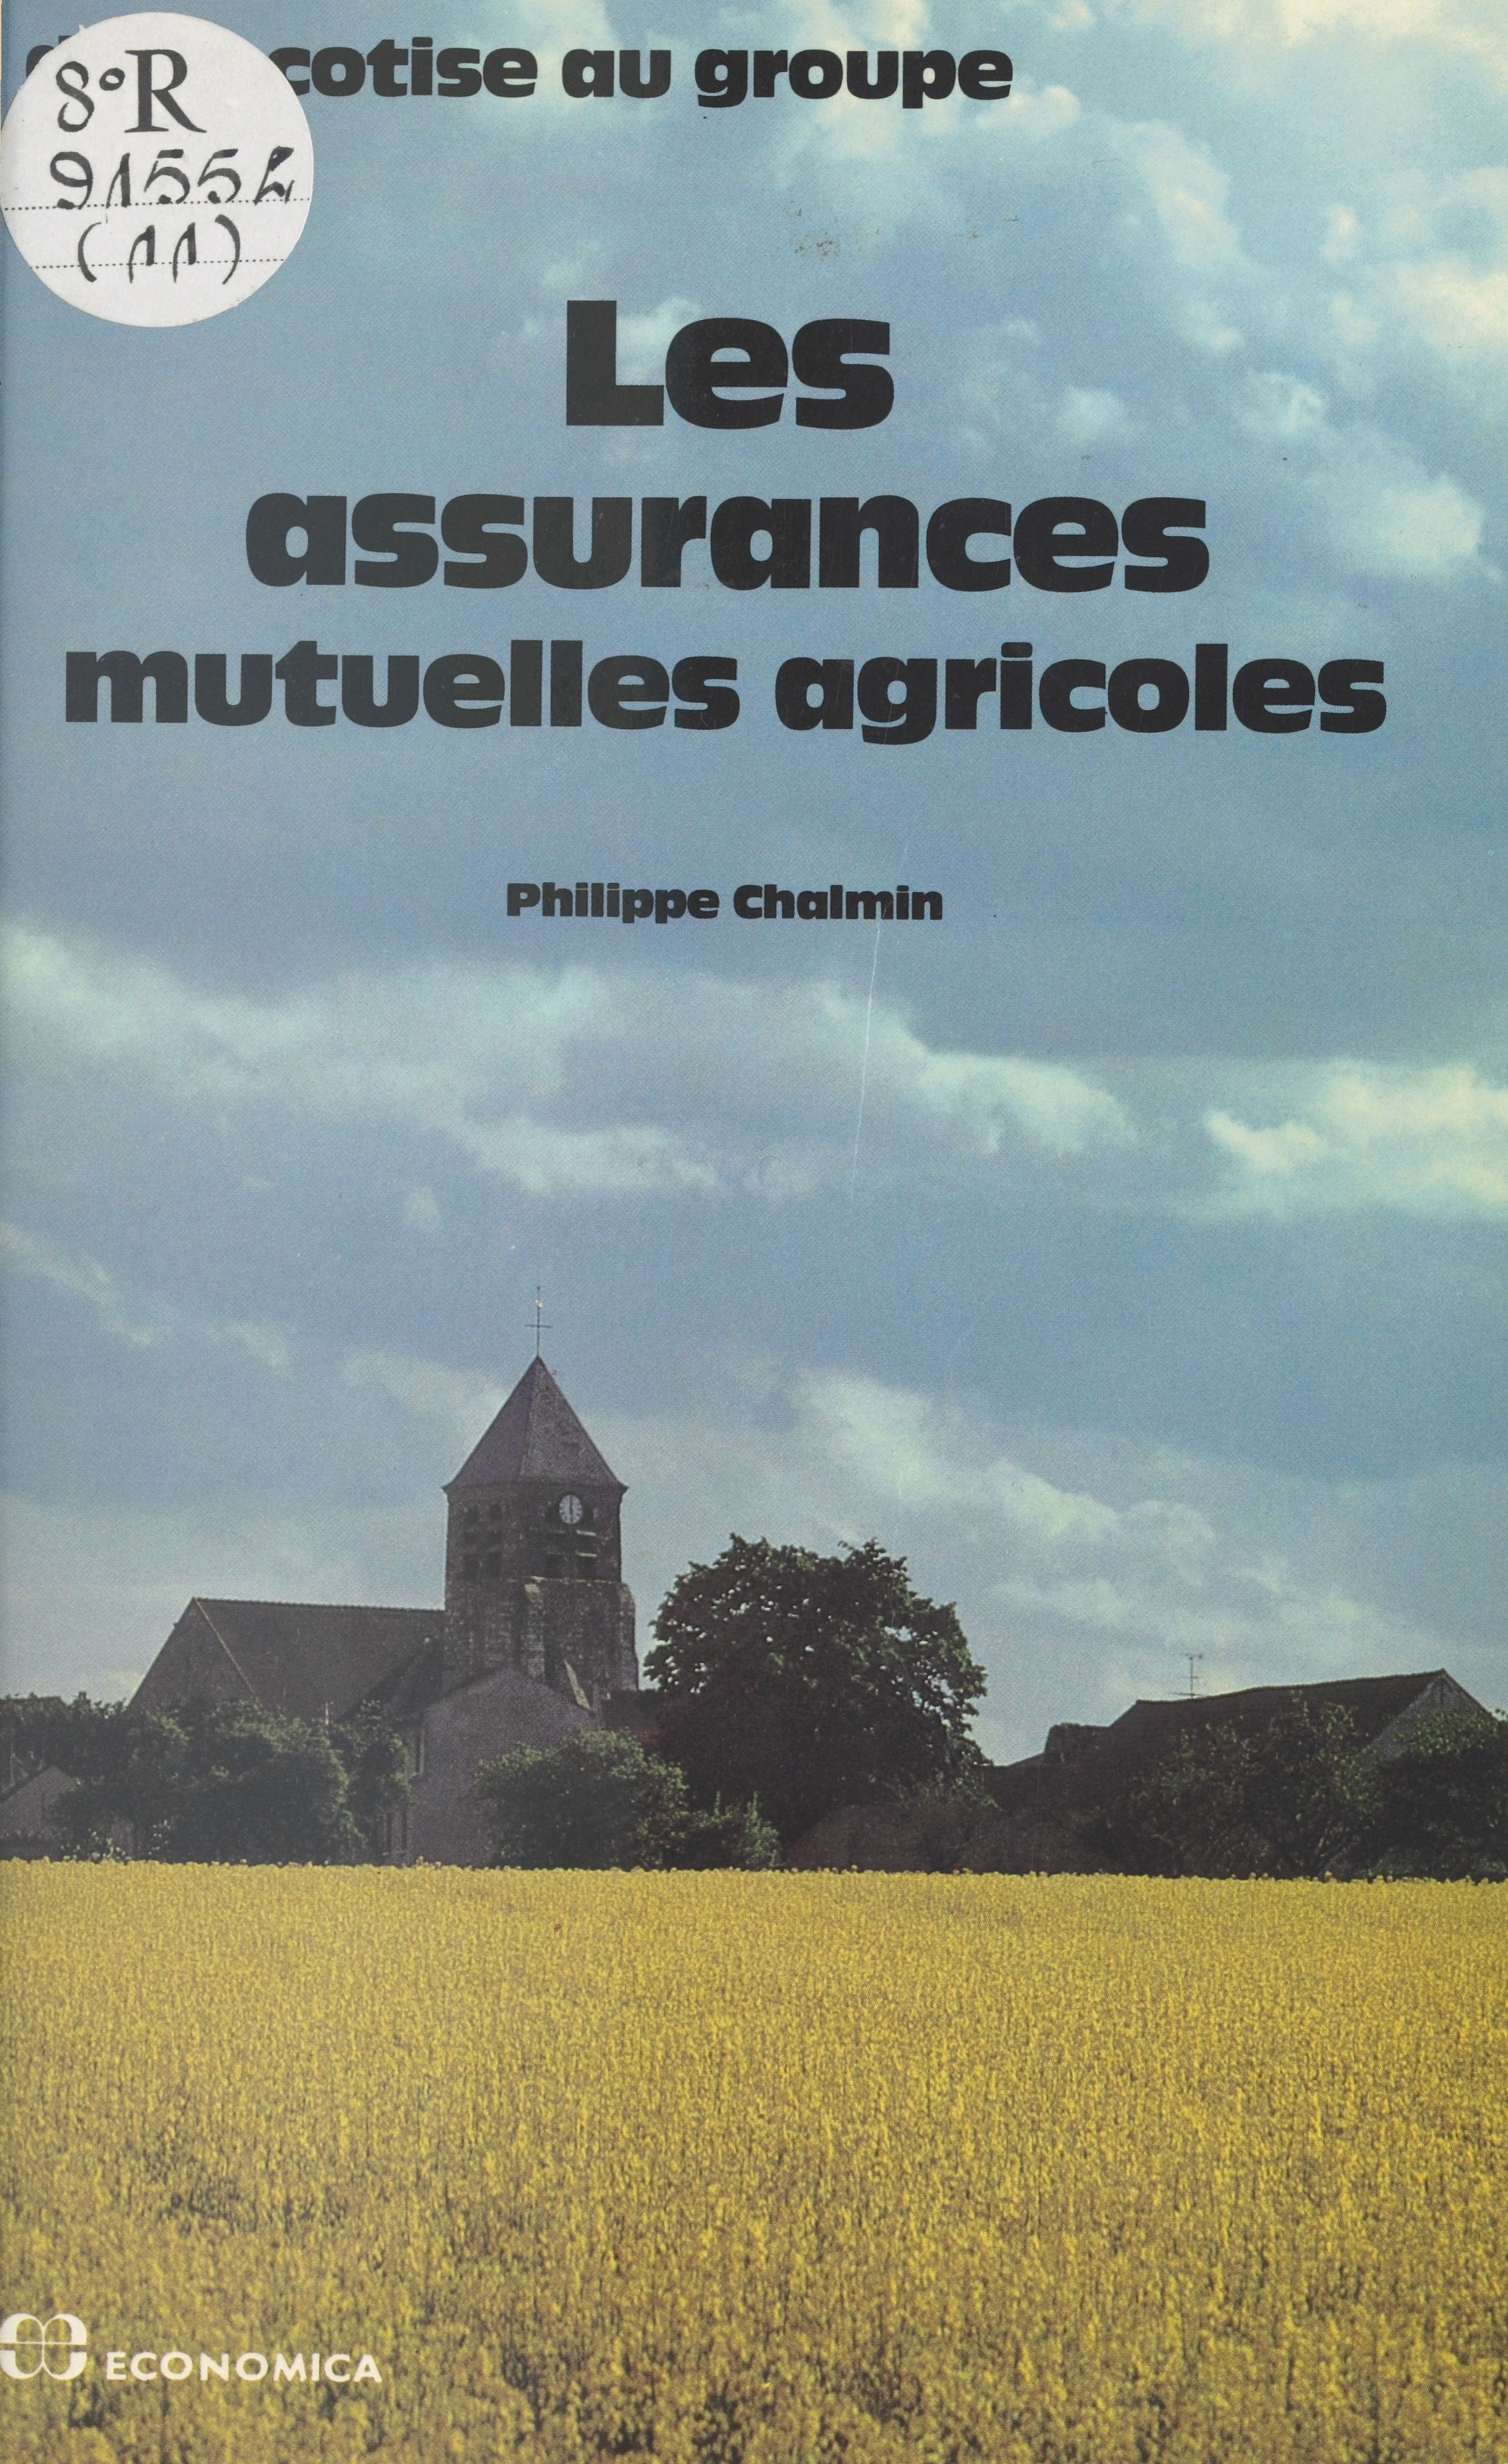 Les assurances mutuelles agricoles : de la cotise au groupe